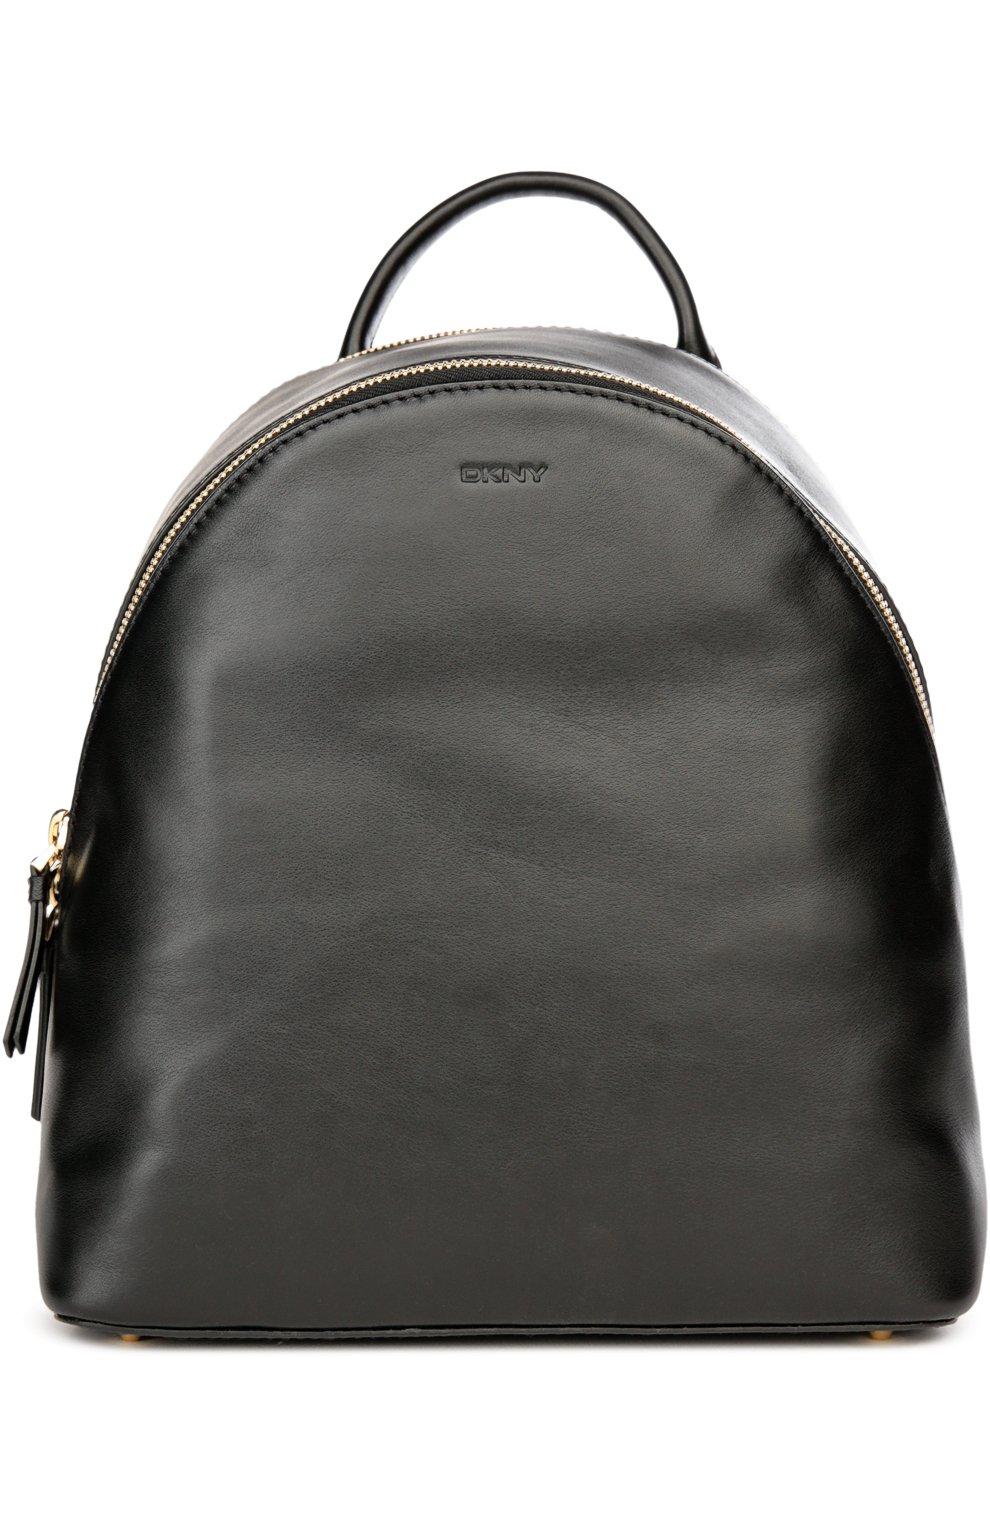 d08633a67587 Женский черный кожаный рюкзак DKNY — купить за 36950 руб. в интернет ...